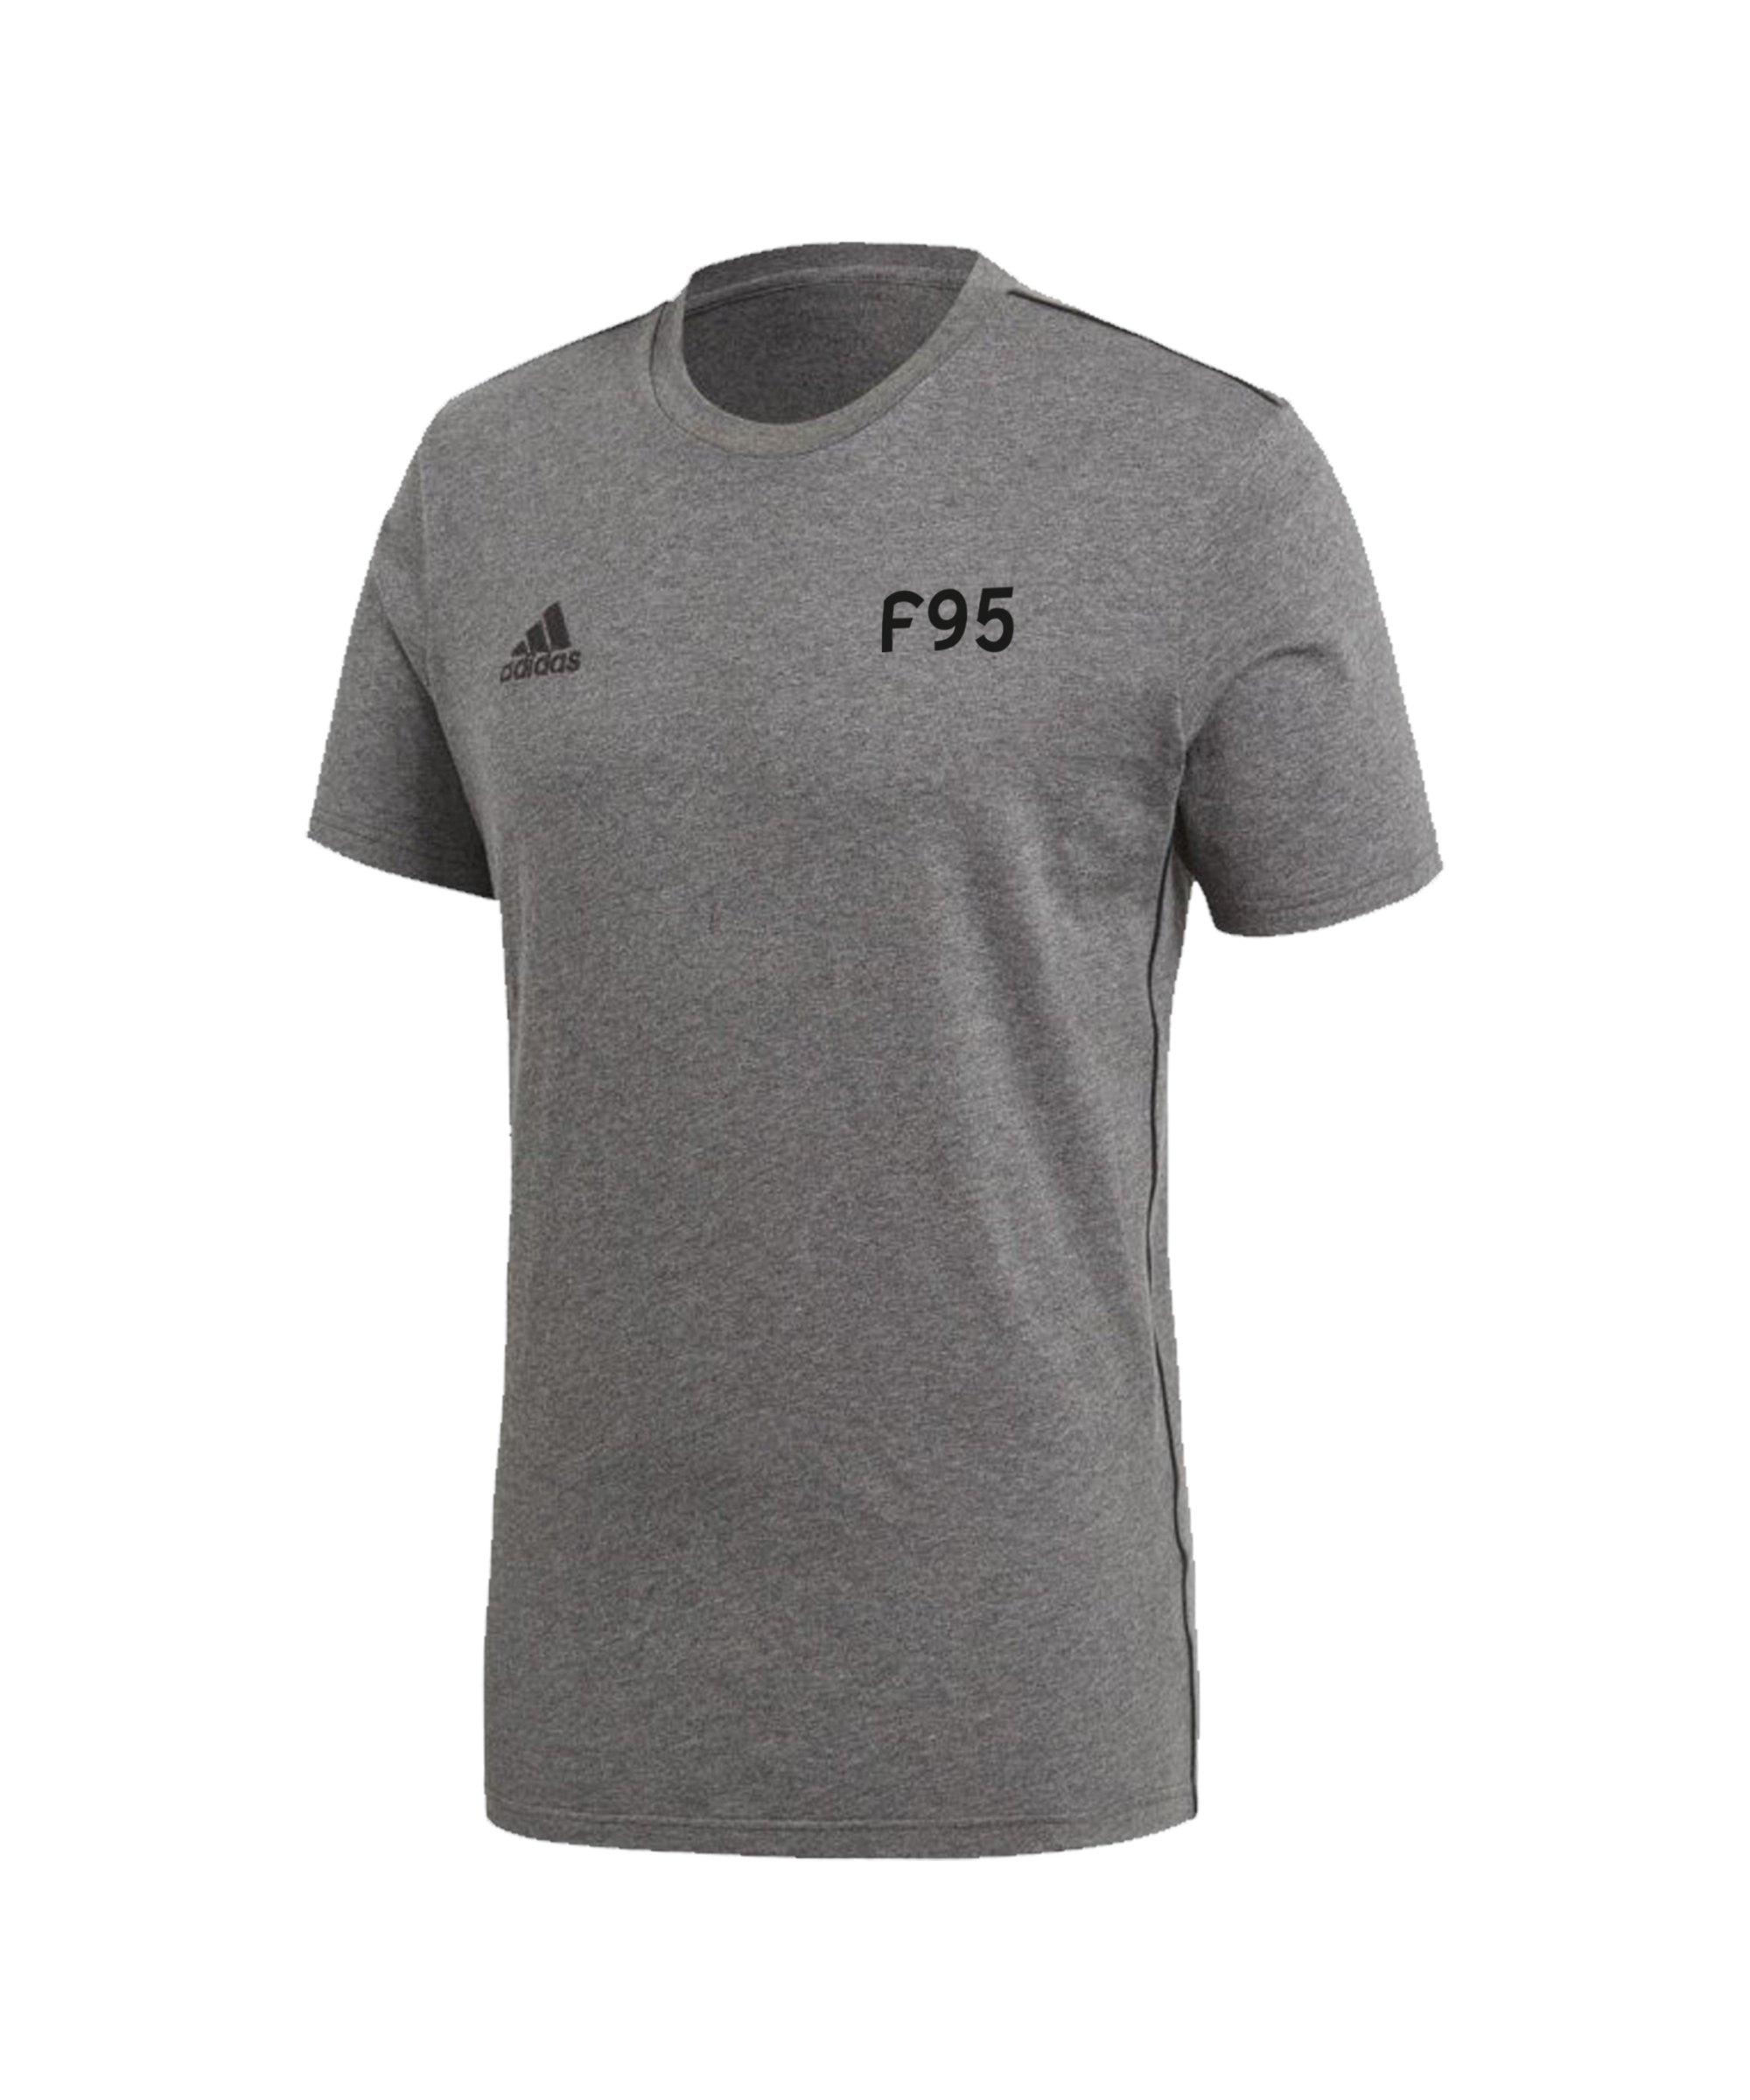 adidas Fortuna Düsseldorf Freizeit T-Shirt Grau - grau